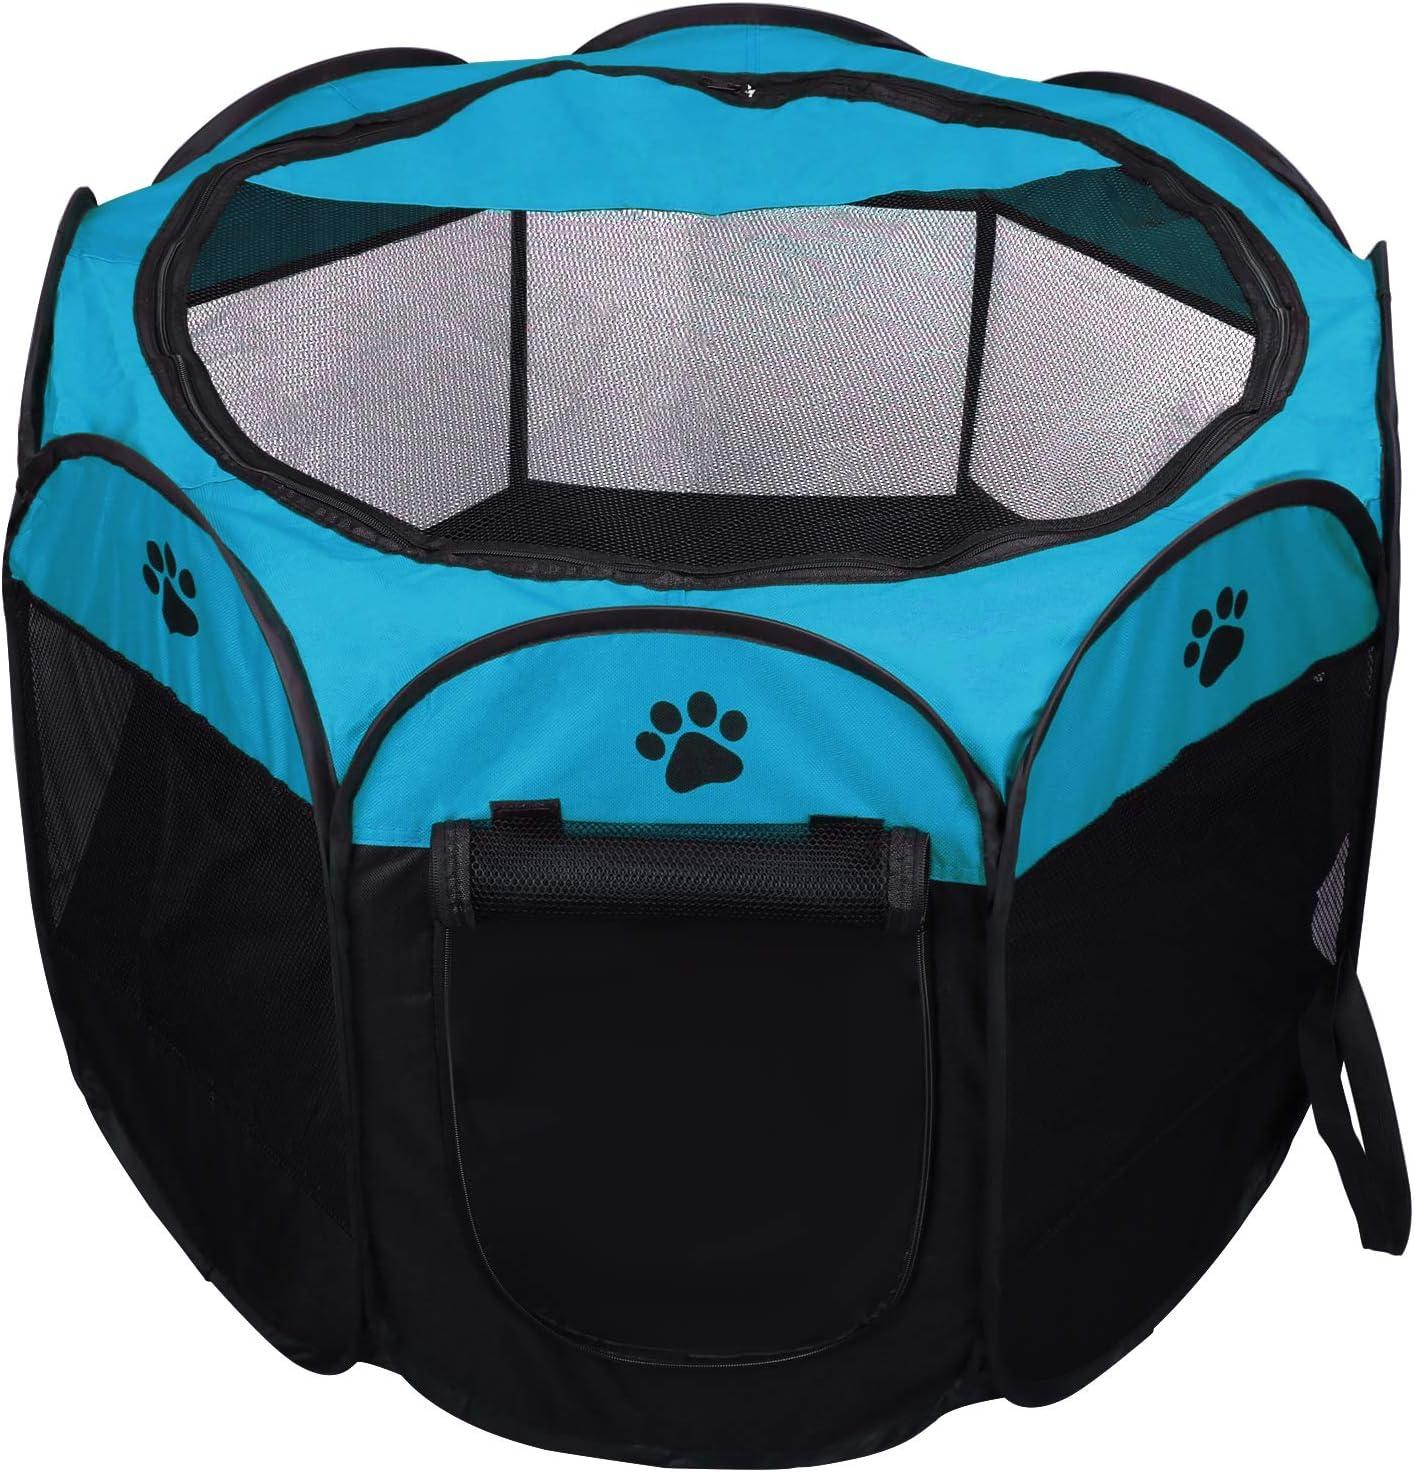 Gatos 73 x 73 x 43 cm Conejos y Animales peque/ños Coolty Parque Plegable port/átil para Mascotas 8 Paneles para Perros